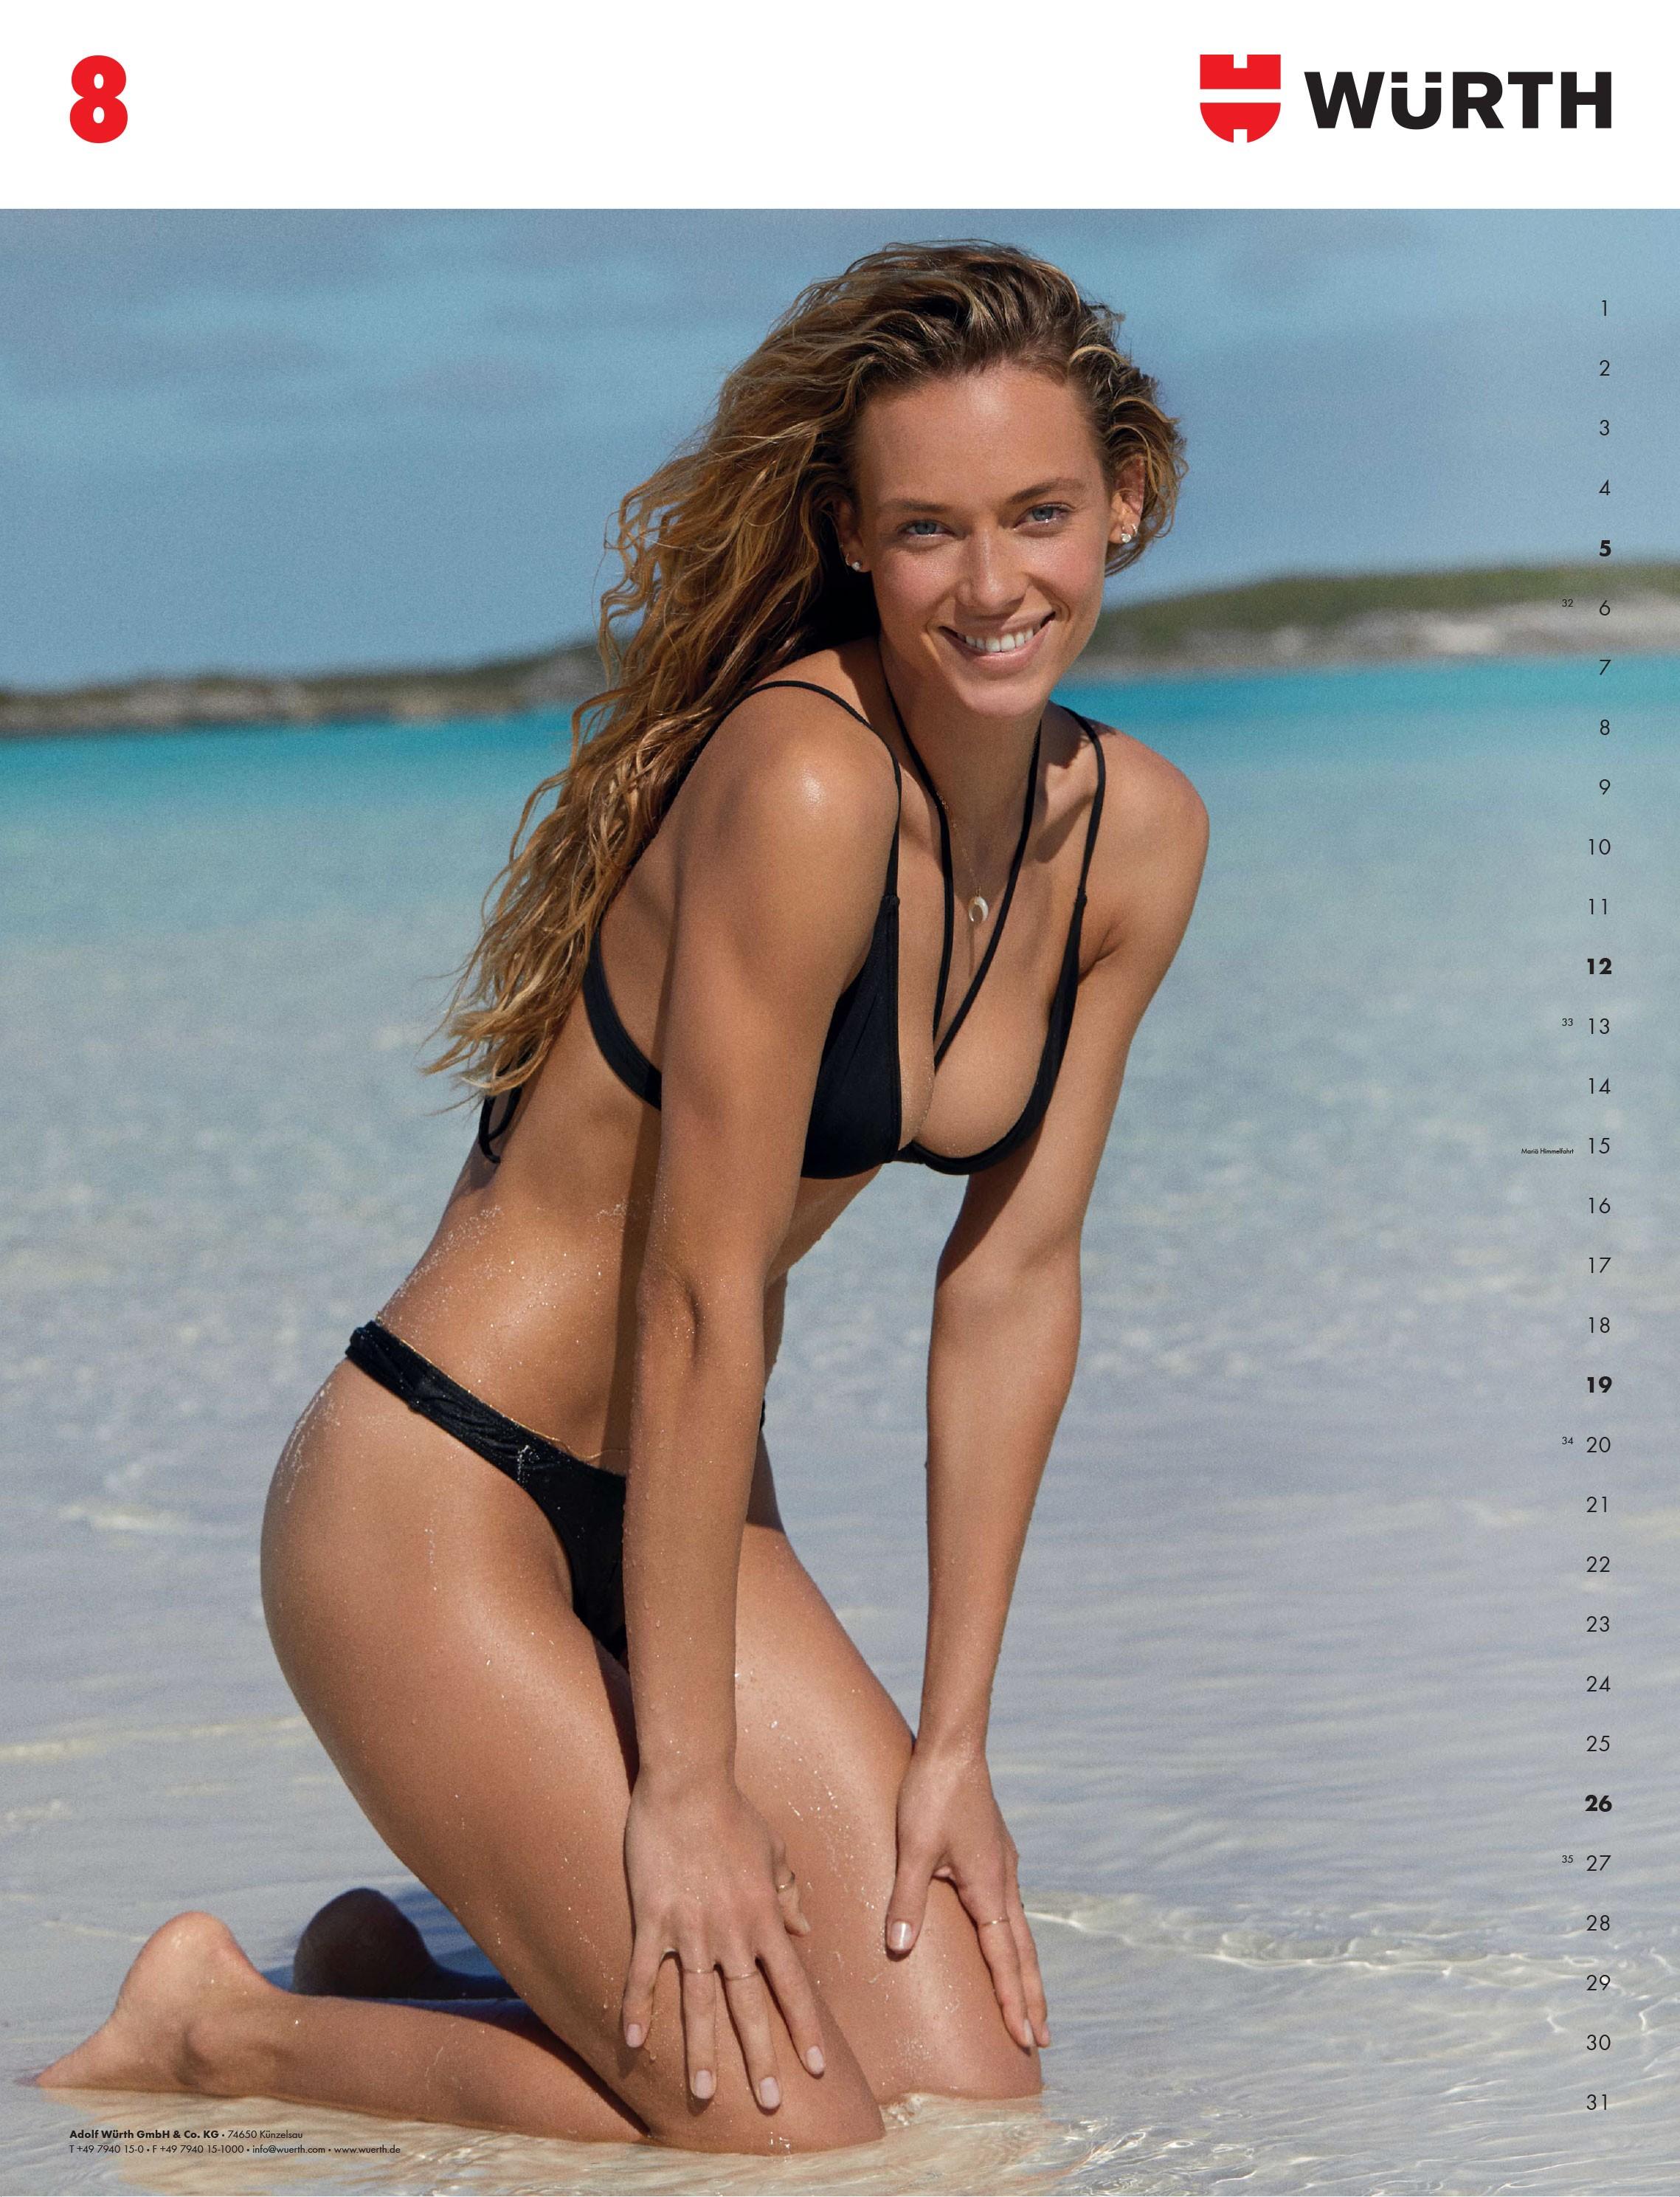 на пляжах Багамских островов / календарь с сексуальными девушками Wurth 2018 calendar